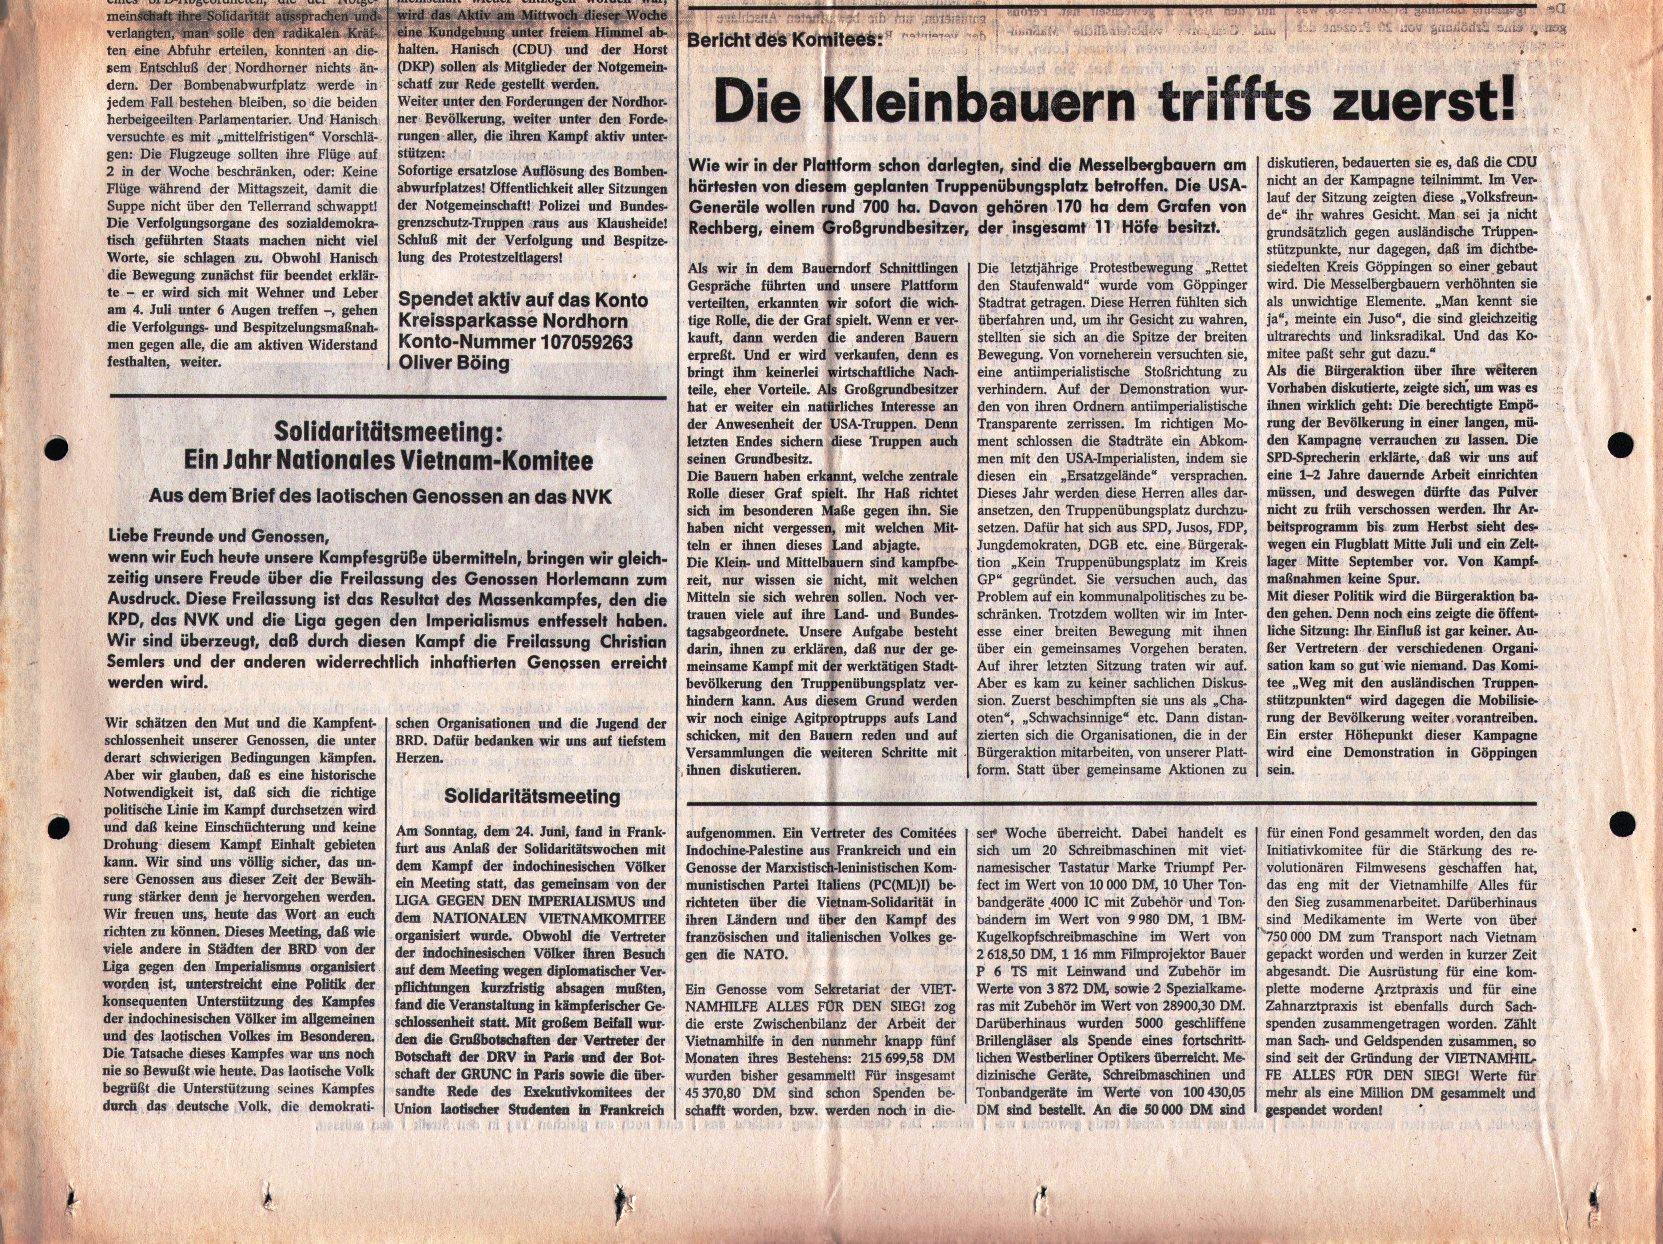 KPD_Rote_Fahne_1973_26_12